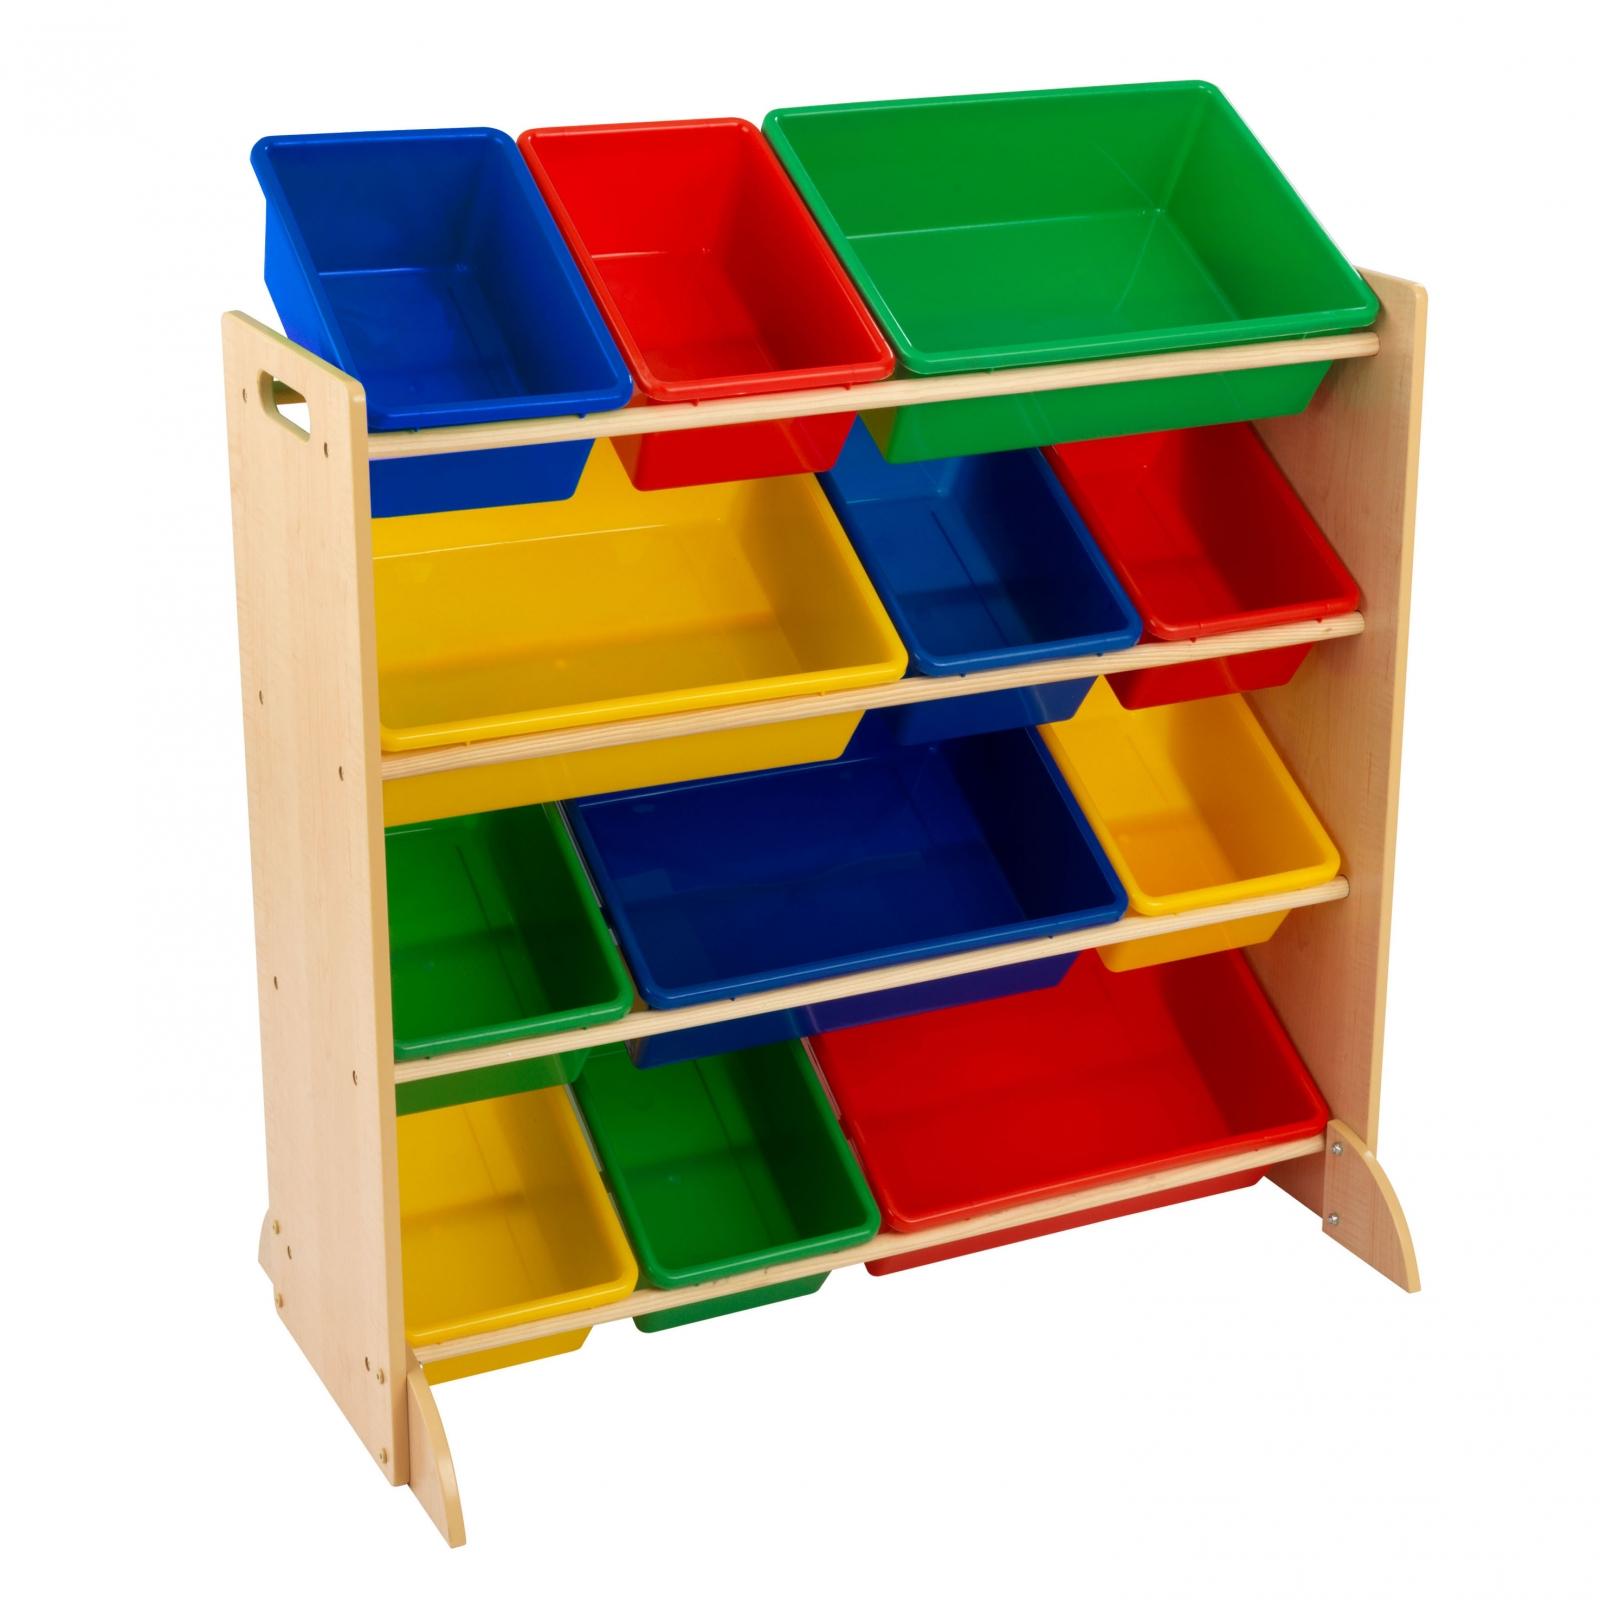 rangement jouet enfant. Black Bedroom Furniture Sets. Home Design Ideas